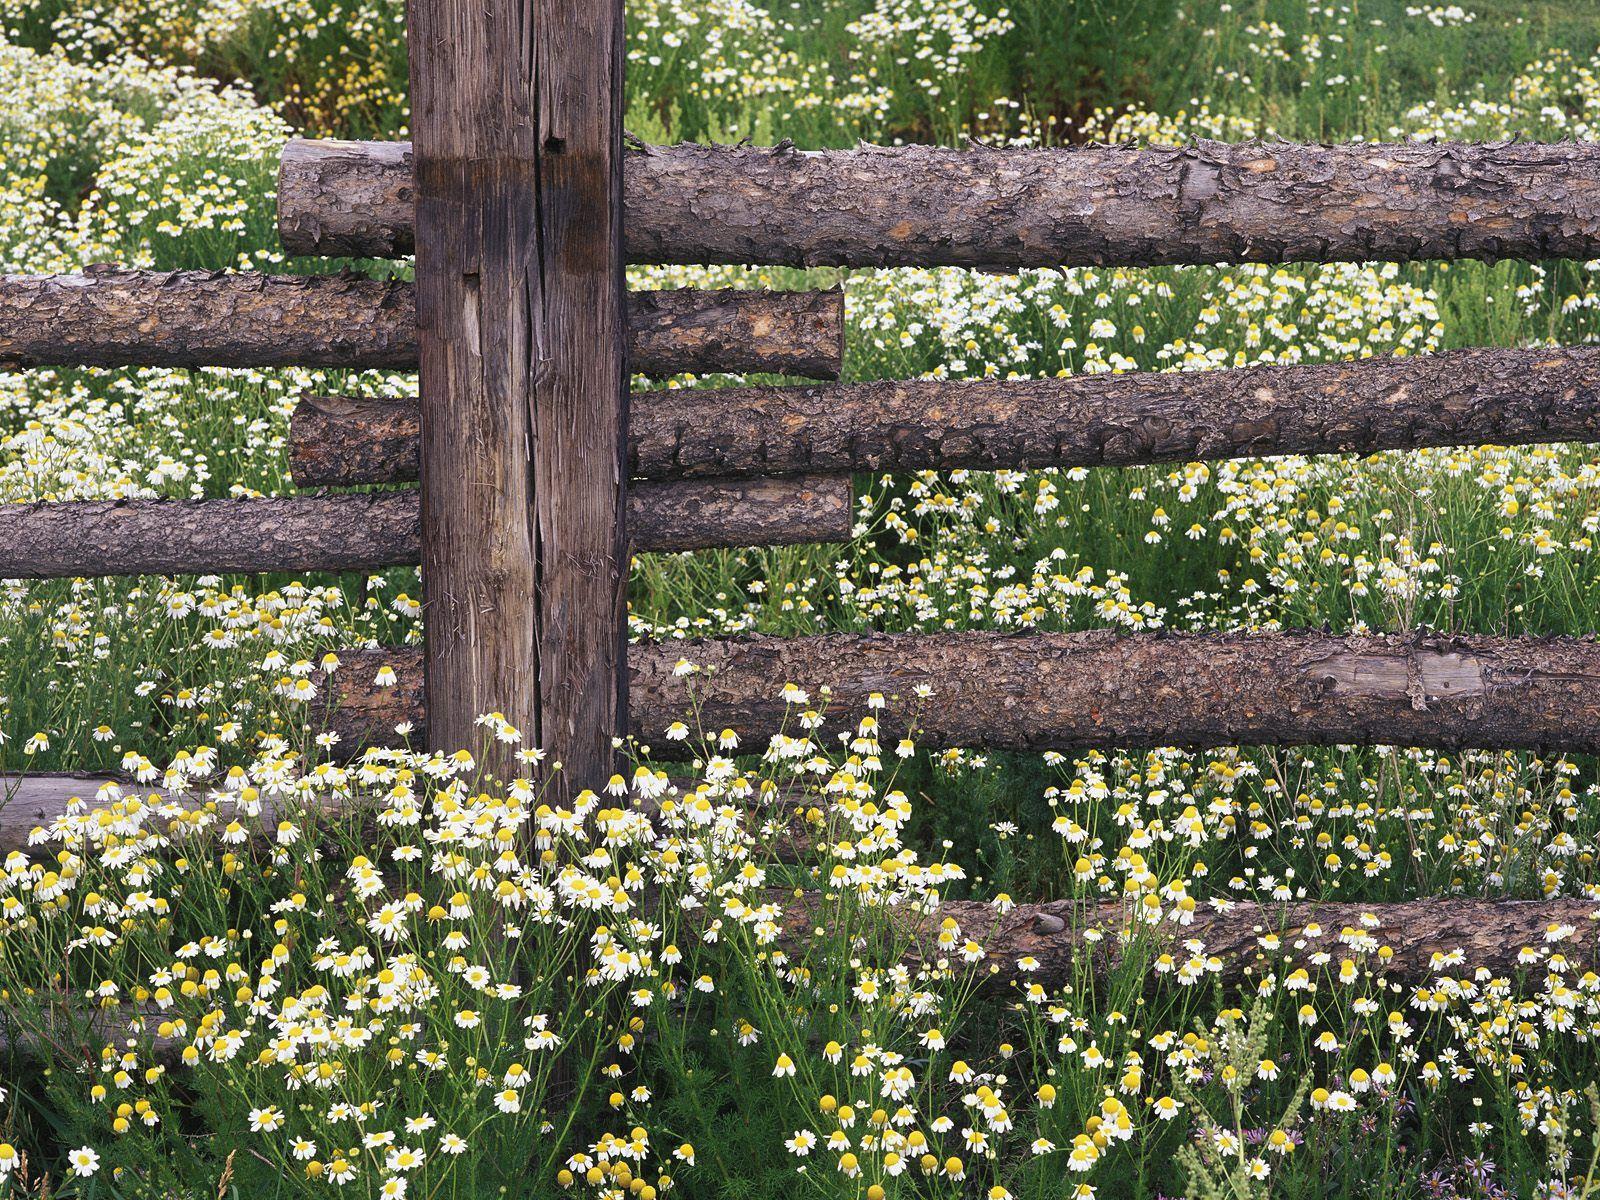 83462 скачать обои Природа, Ромашки, Поле, Бревна, Забор - заставки и картинки бесплатно